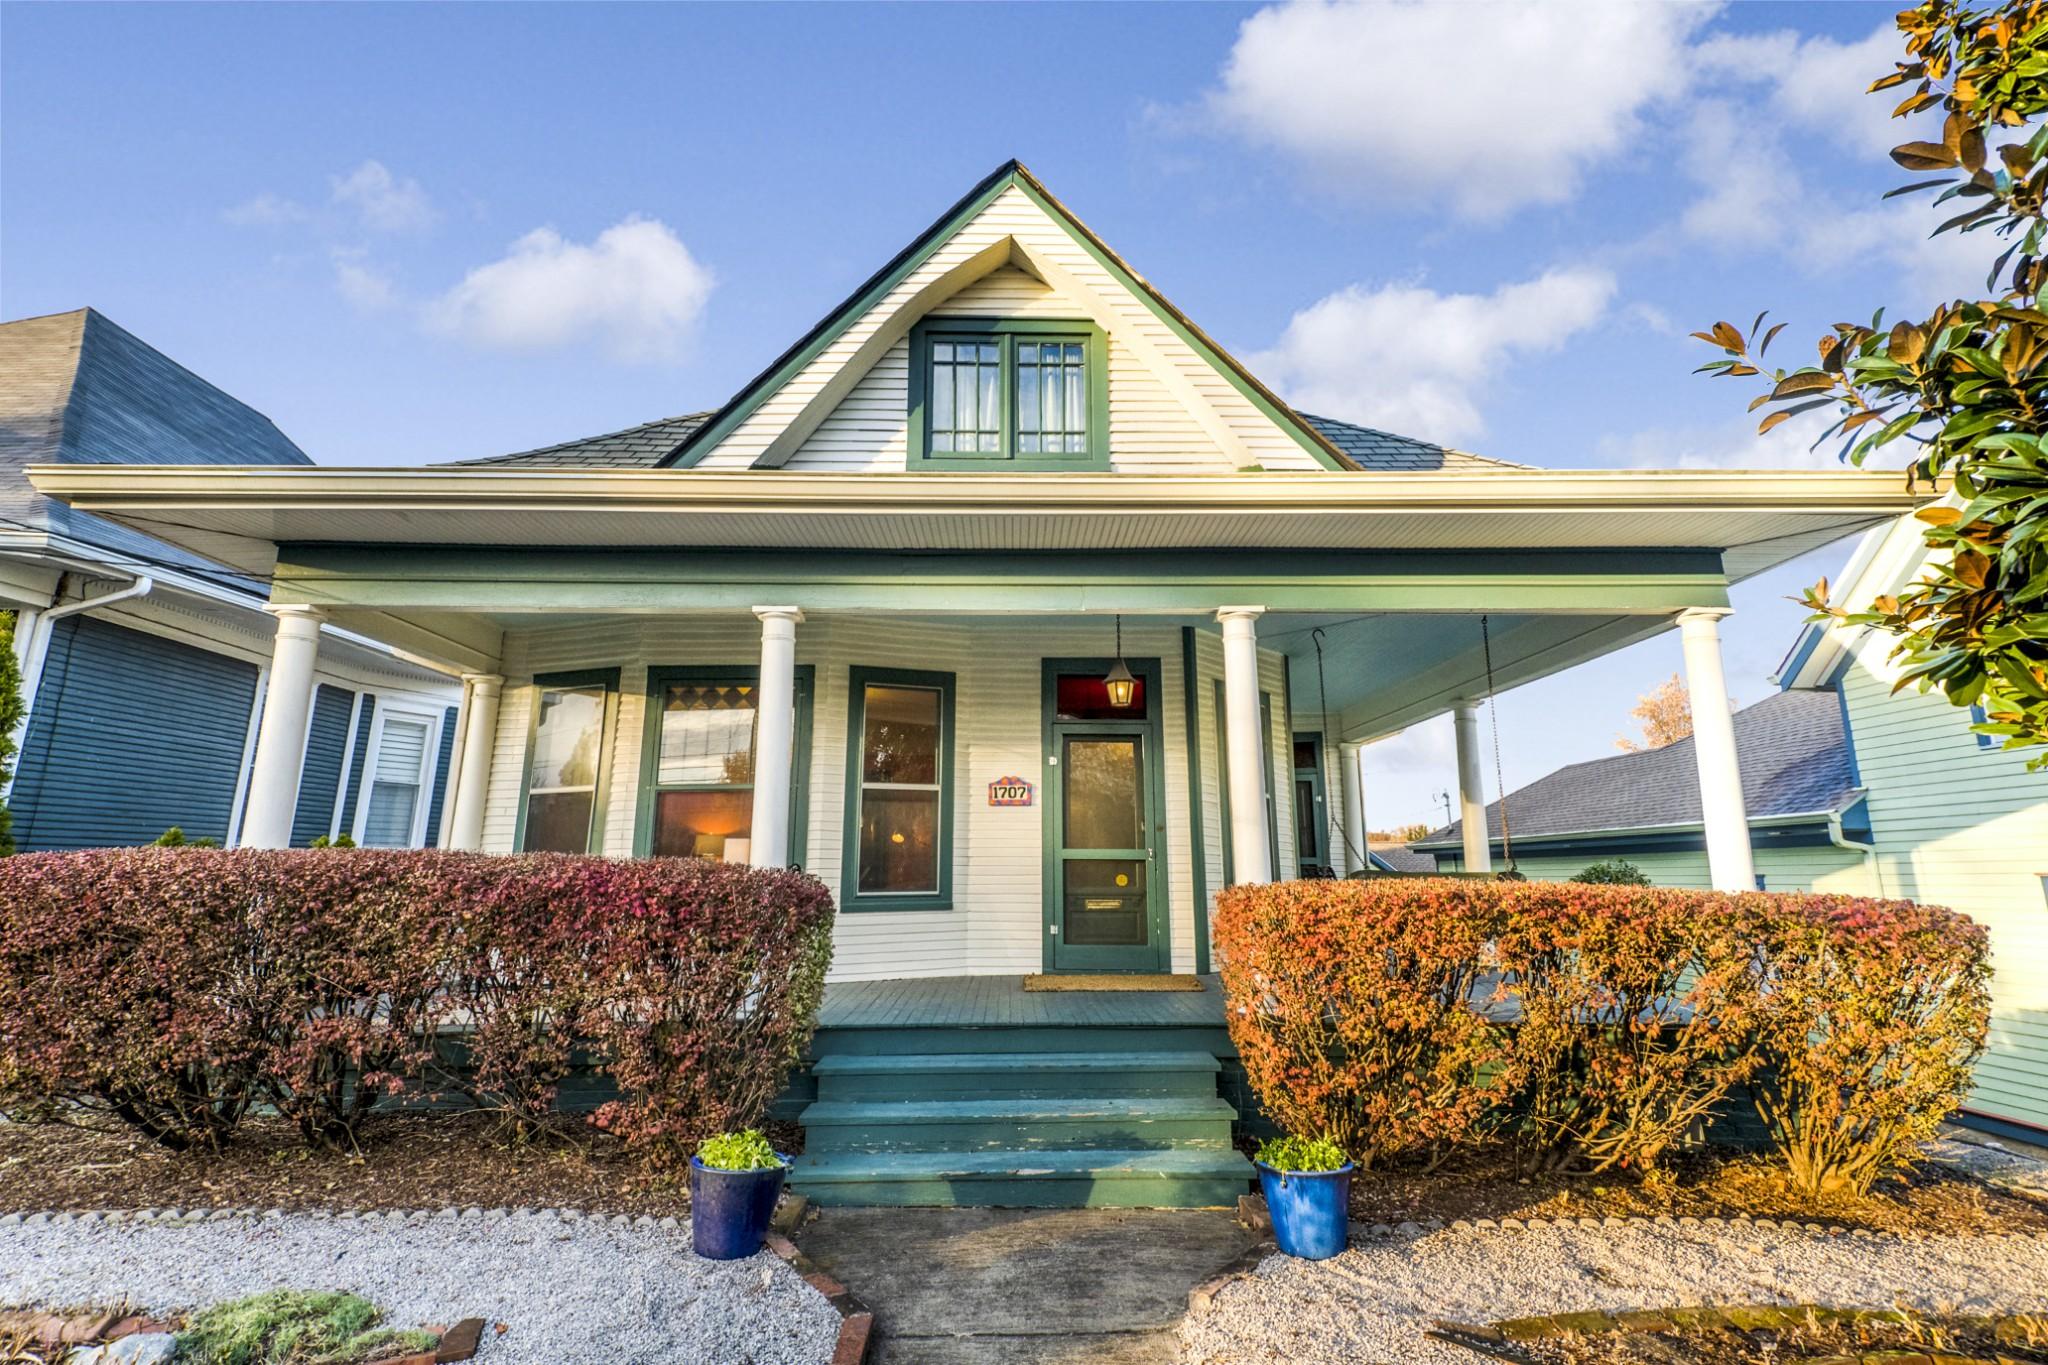 1707 Eastland Ave, Nashville, TN 37206 - Nashville, TN real estate listing